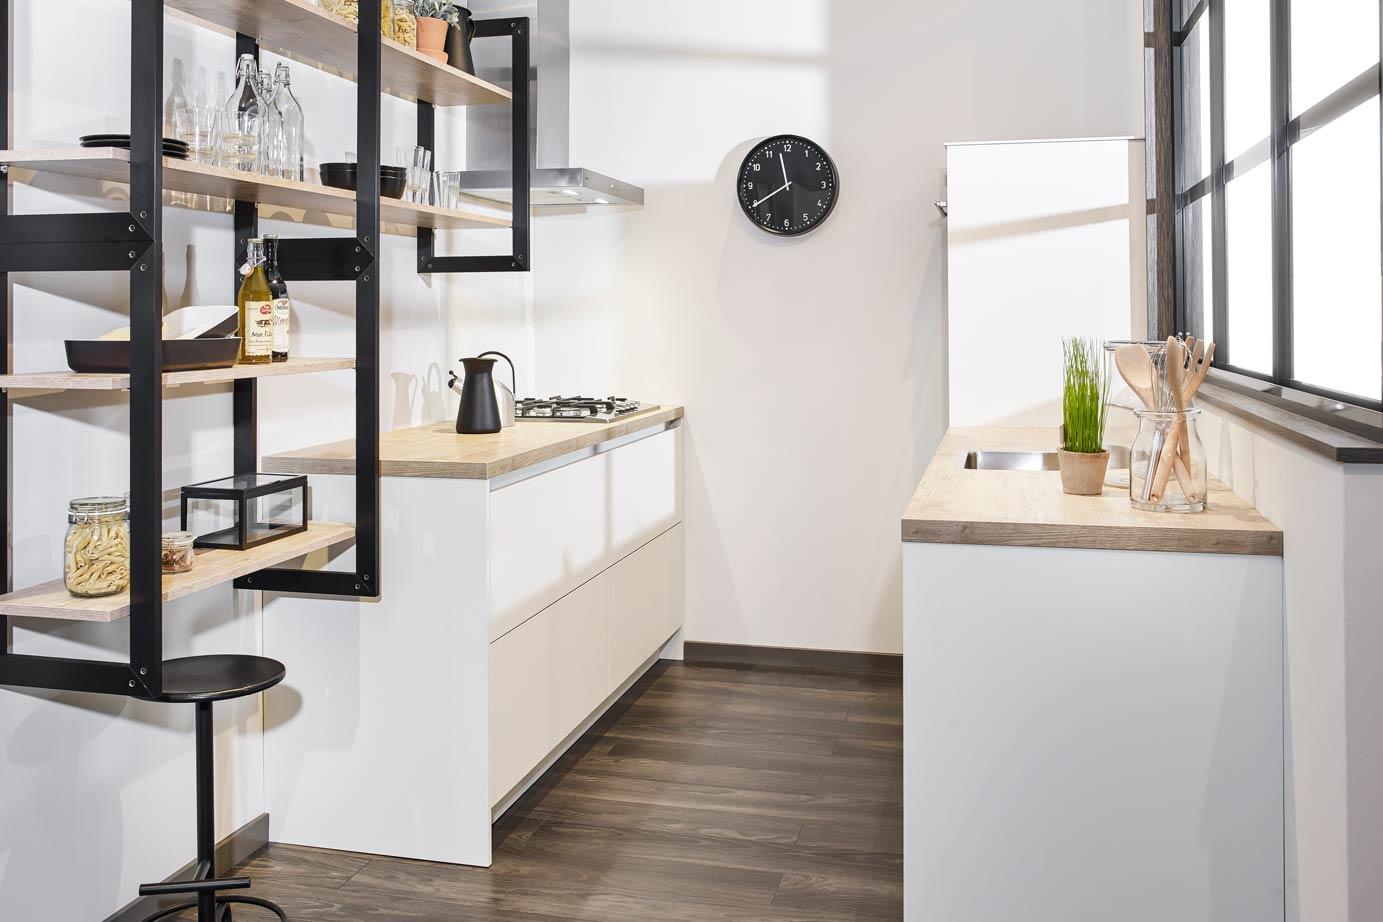 Ideeen Keuken Kleine : Kleine keuken laat je inspireren door voorbeelden db keukens